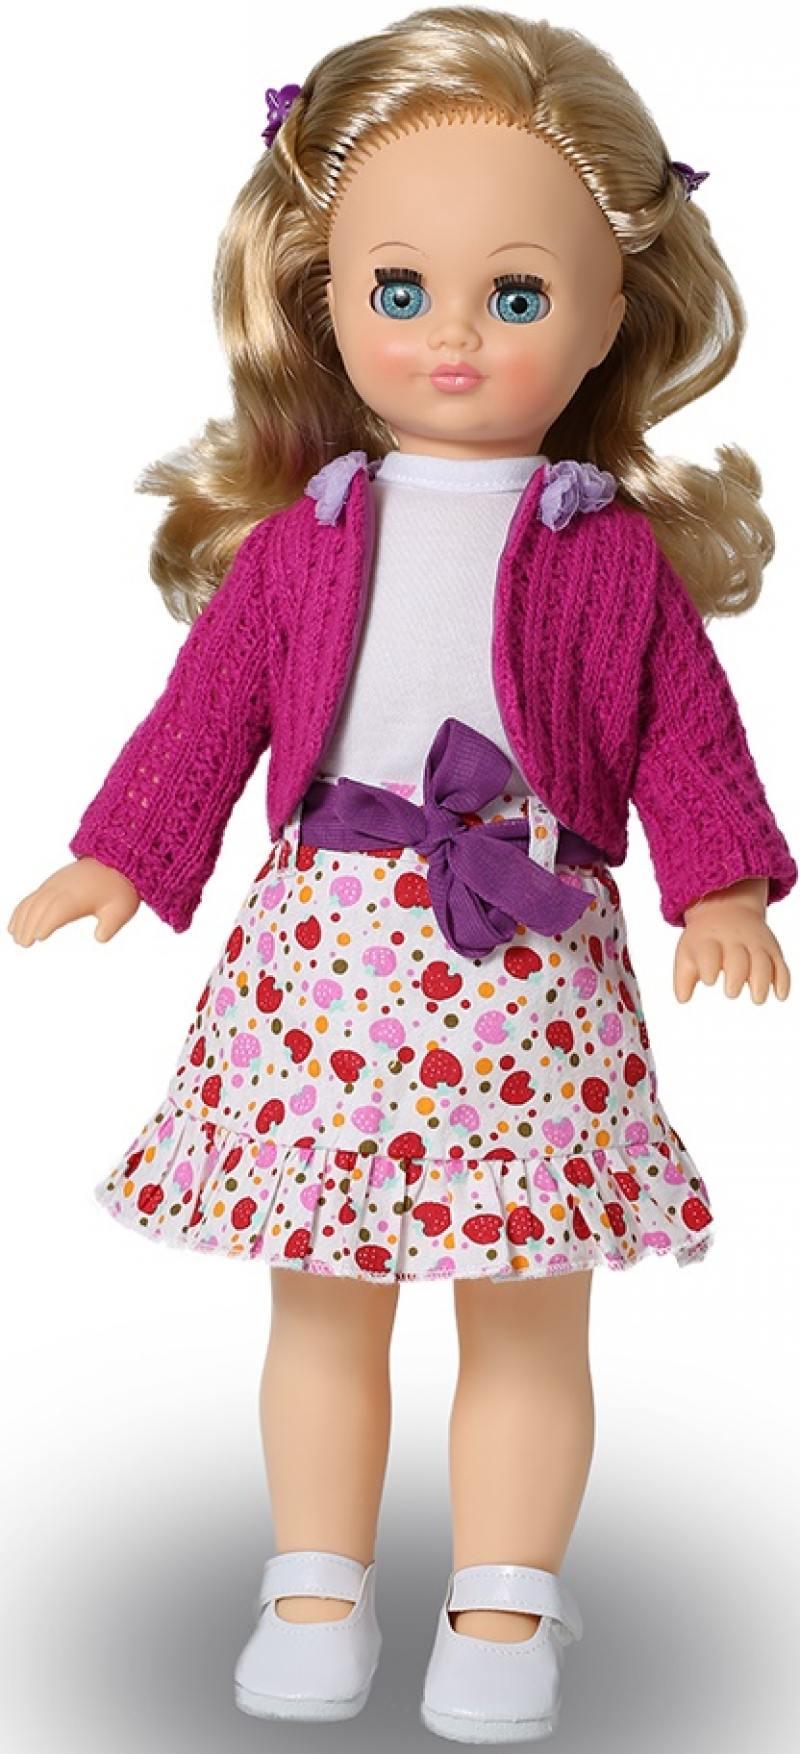 Кукла ВЕСНА Лиза 11 (озвученная) кукла весна наталья 7 озвученная в645 о